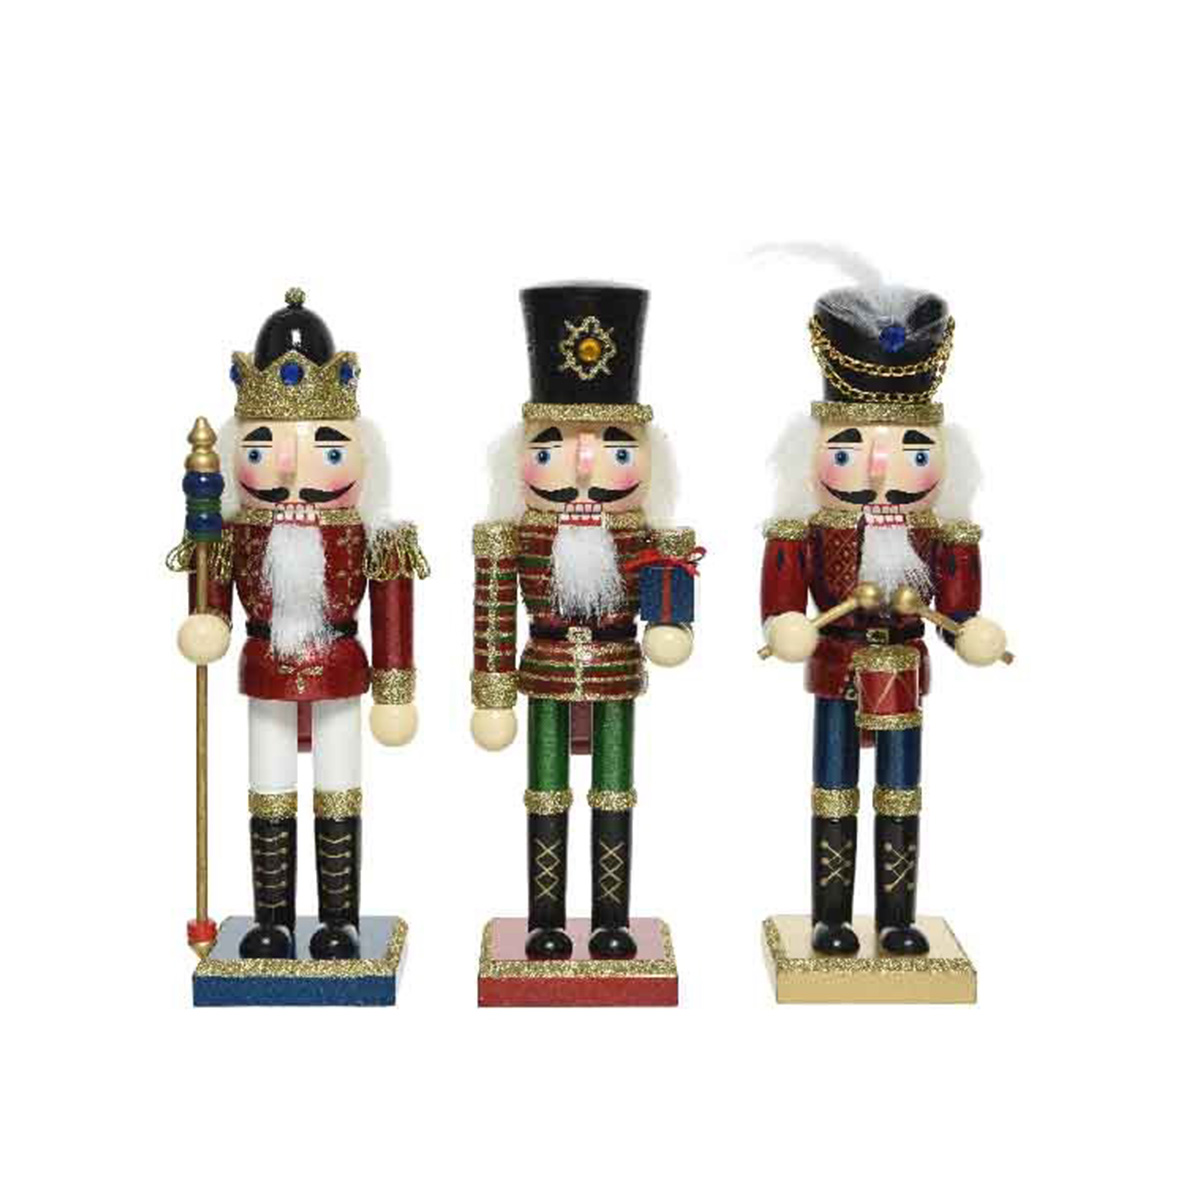 Novogodisnja dekoracija vojnici - 550343